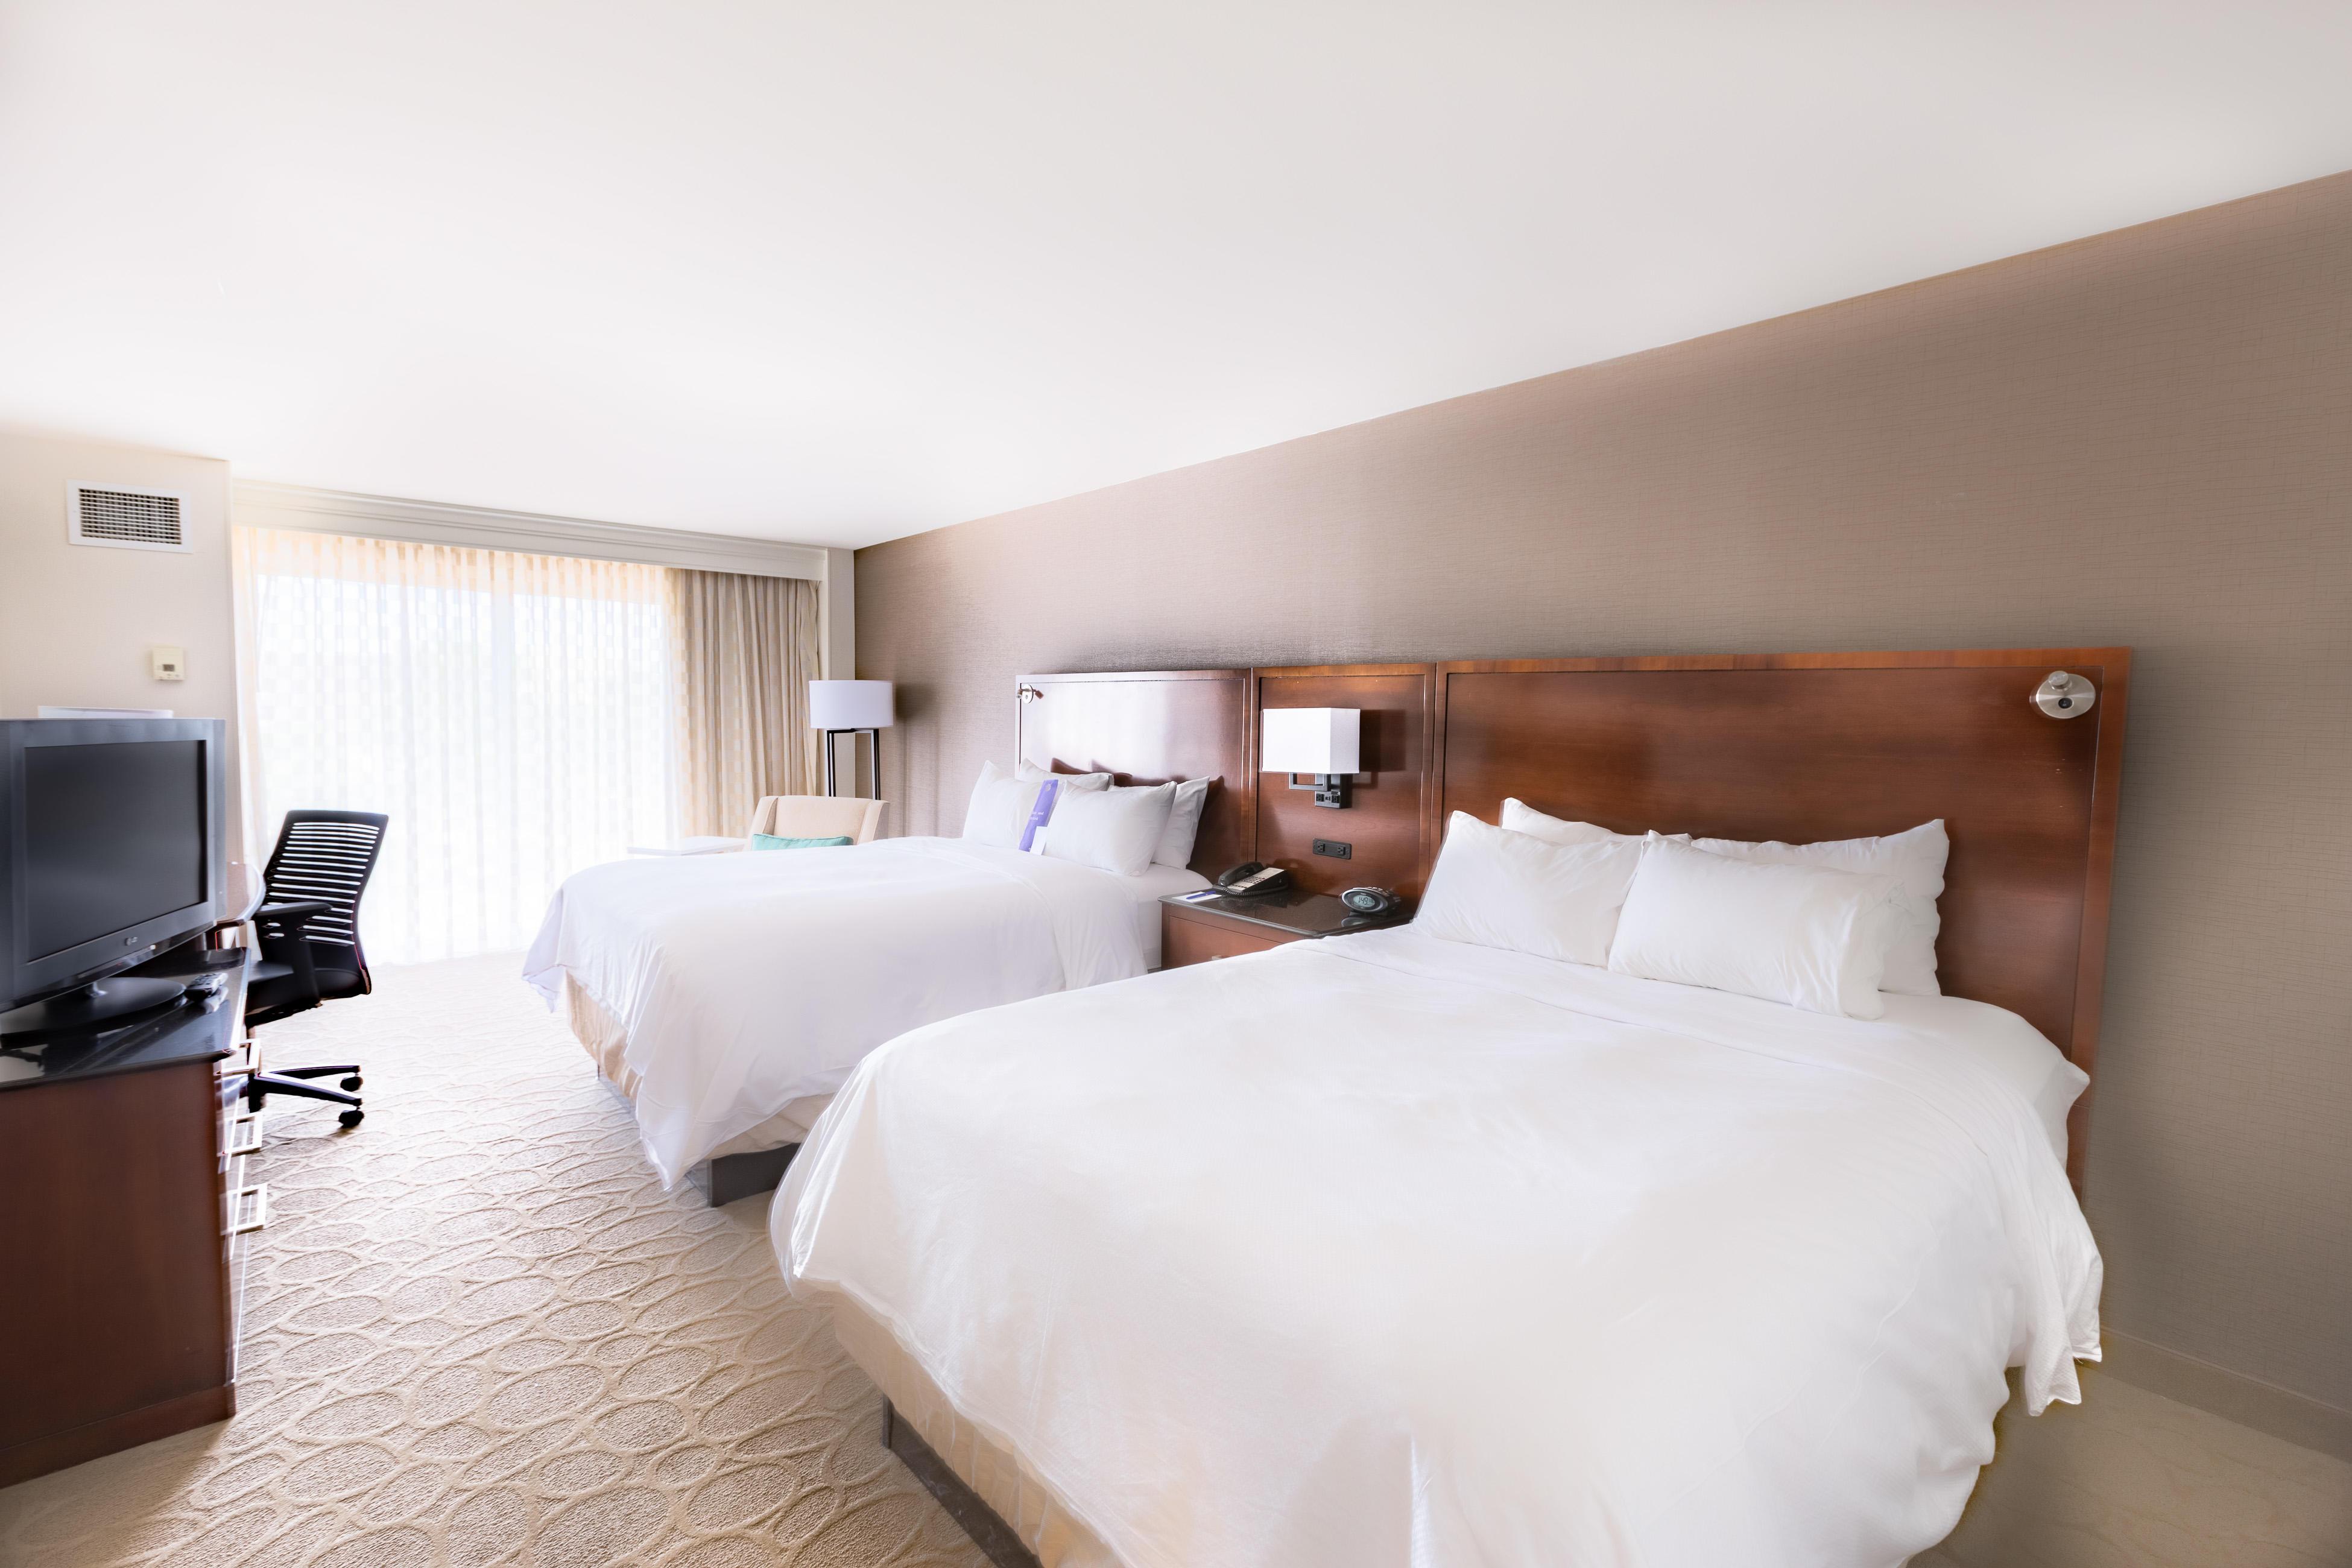 Hotel Rooms In Chesapeake Va